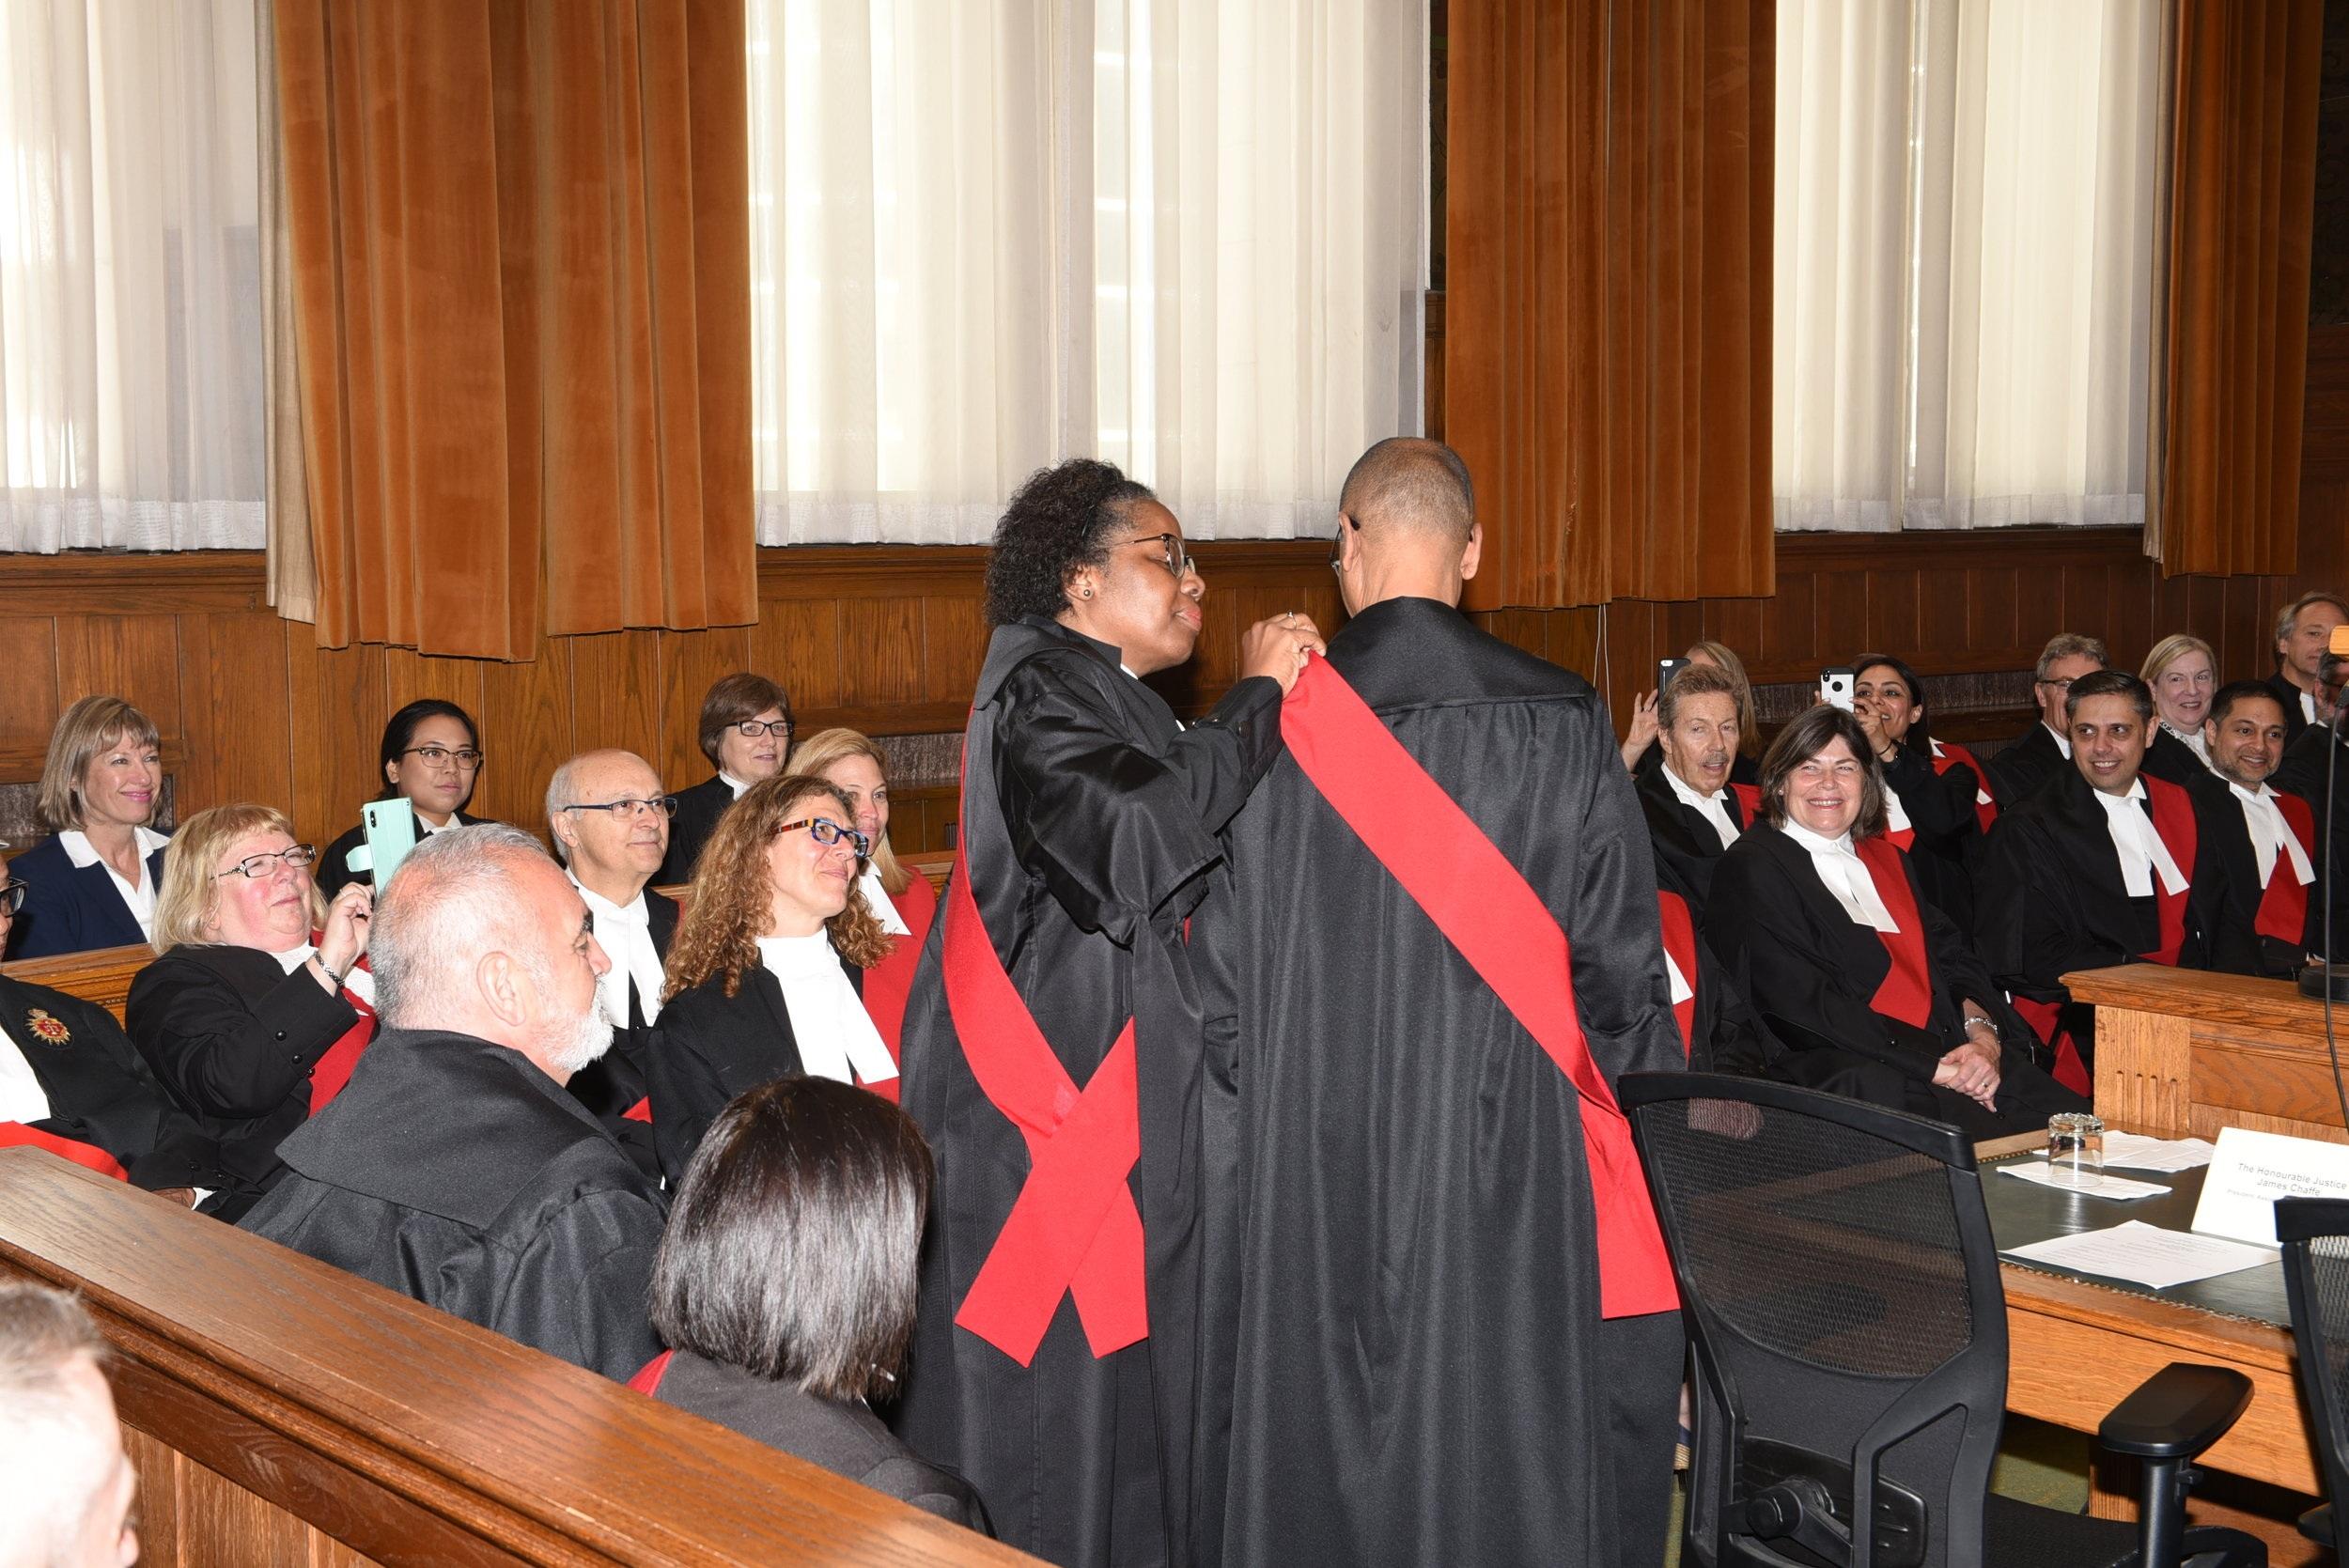 Justice Lori Montague puts on new judge David Maylor's judicial sash